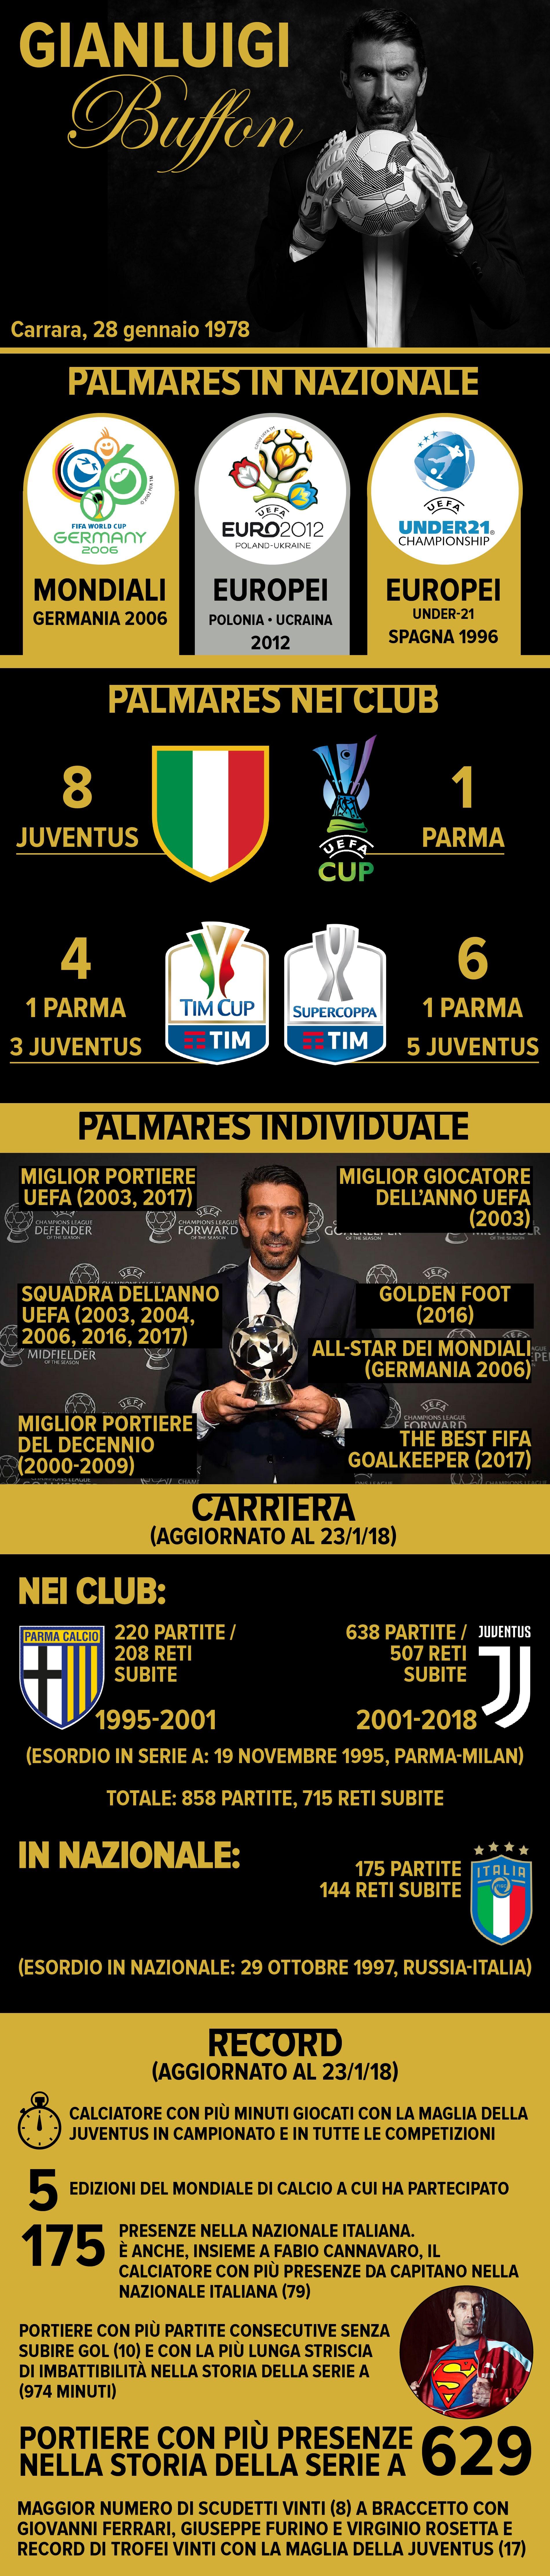 40 Anni Di Buffon Buon Compleanno Gigi Leggenda Campione Leader